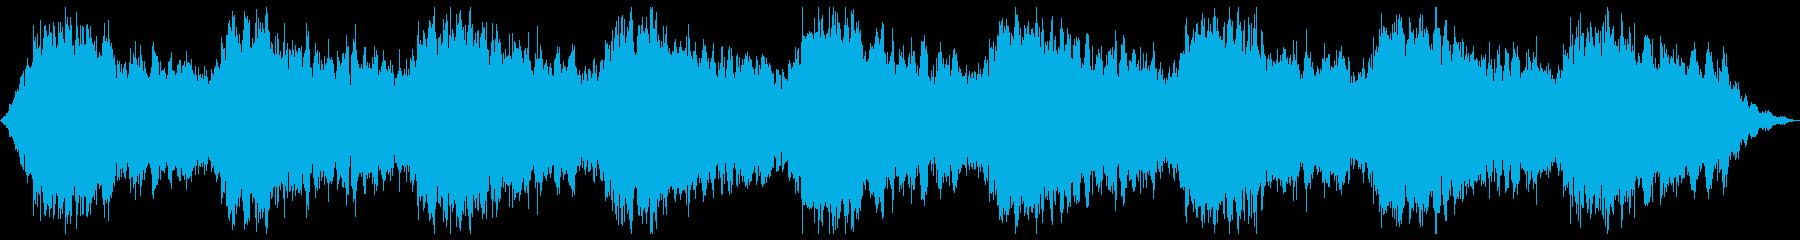 神秘的で広がりのあるアンビエントの再生済みの波形